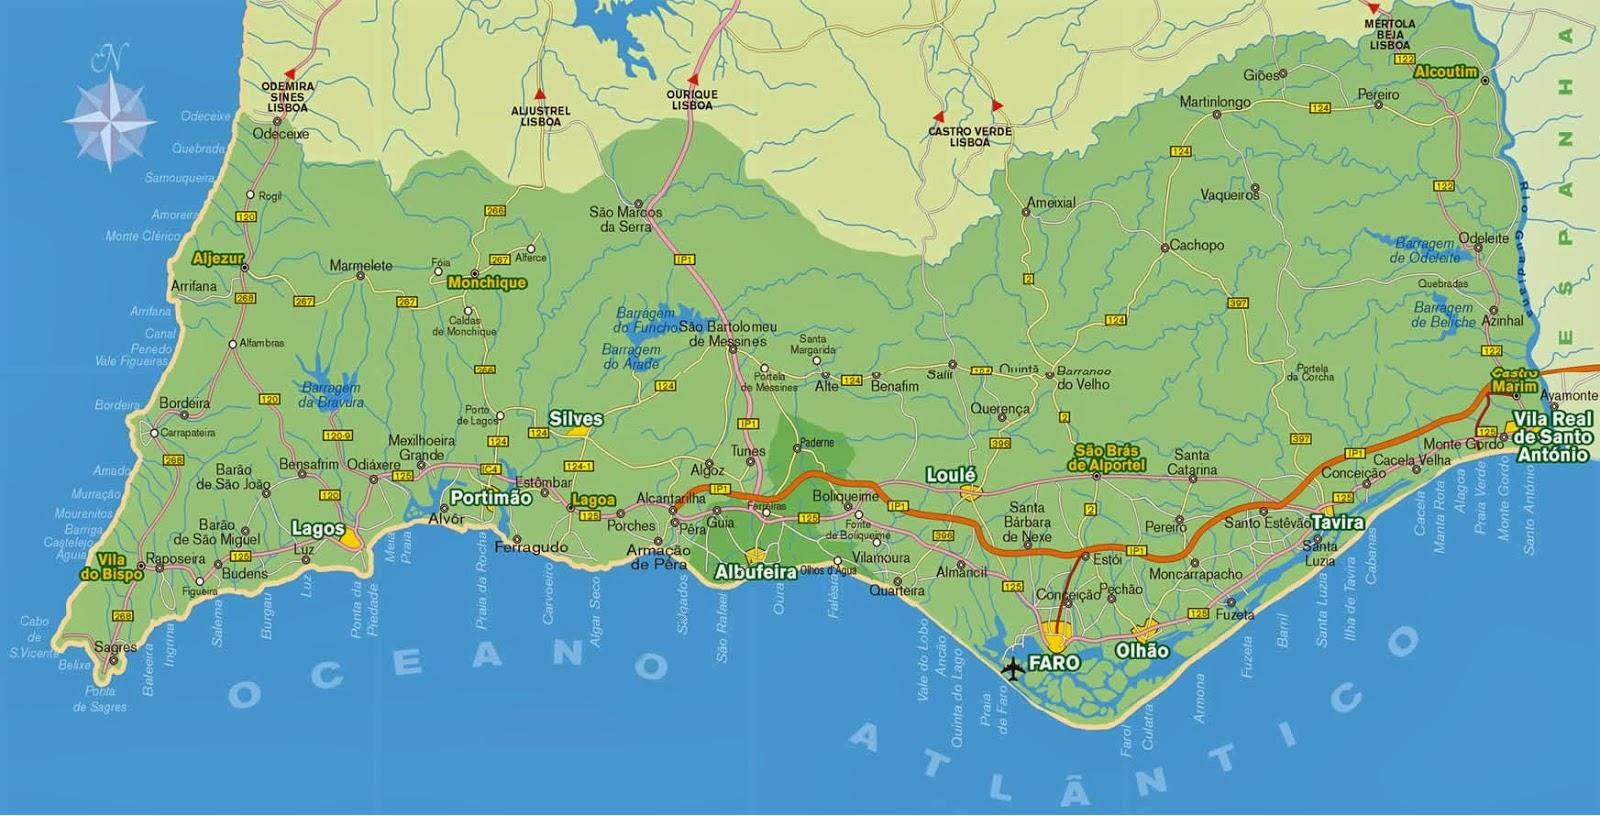 mapa da regiao do algarve Mapas de Faro   Portugal | MapasBlog mapa da regiao do algarve